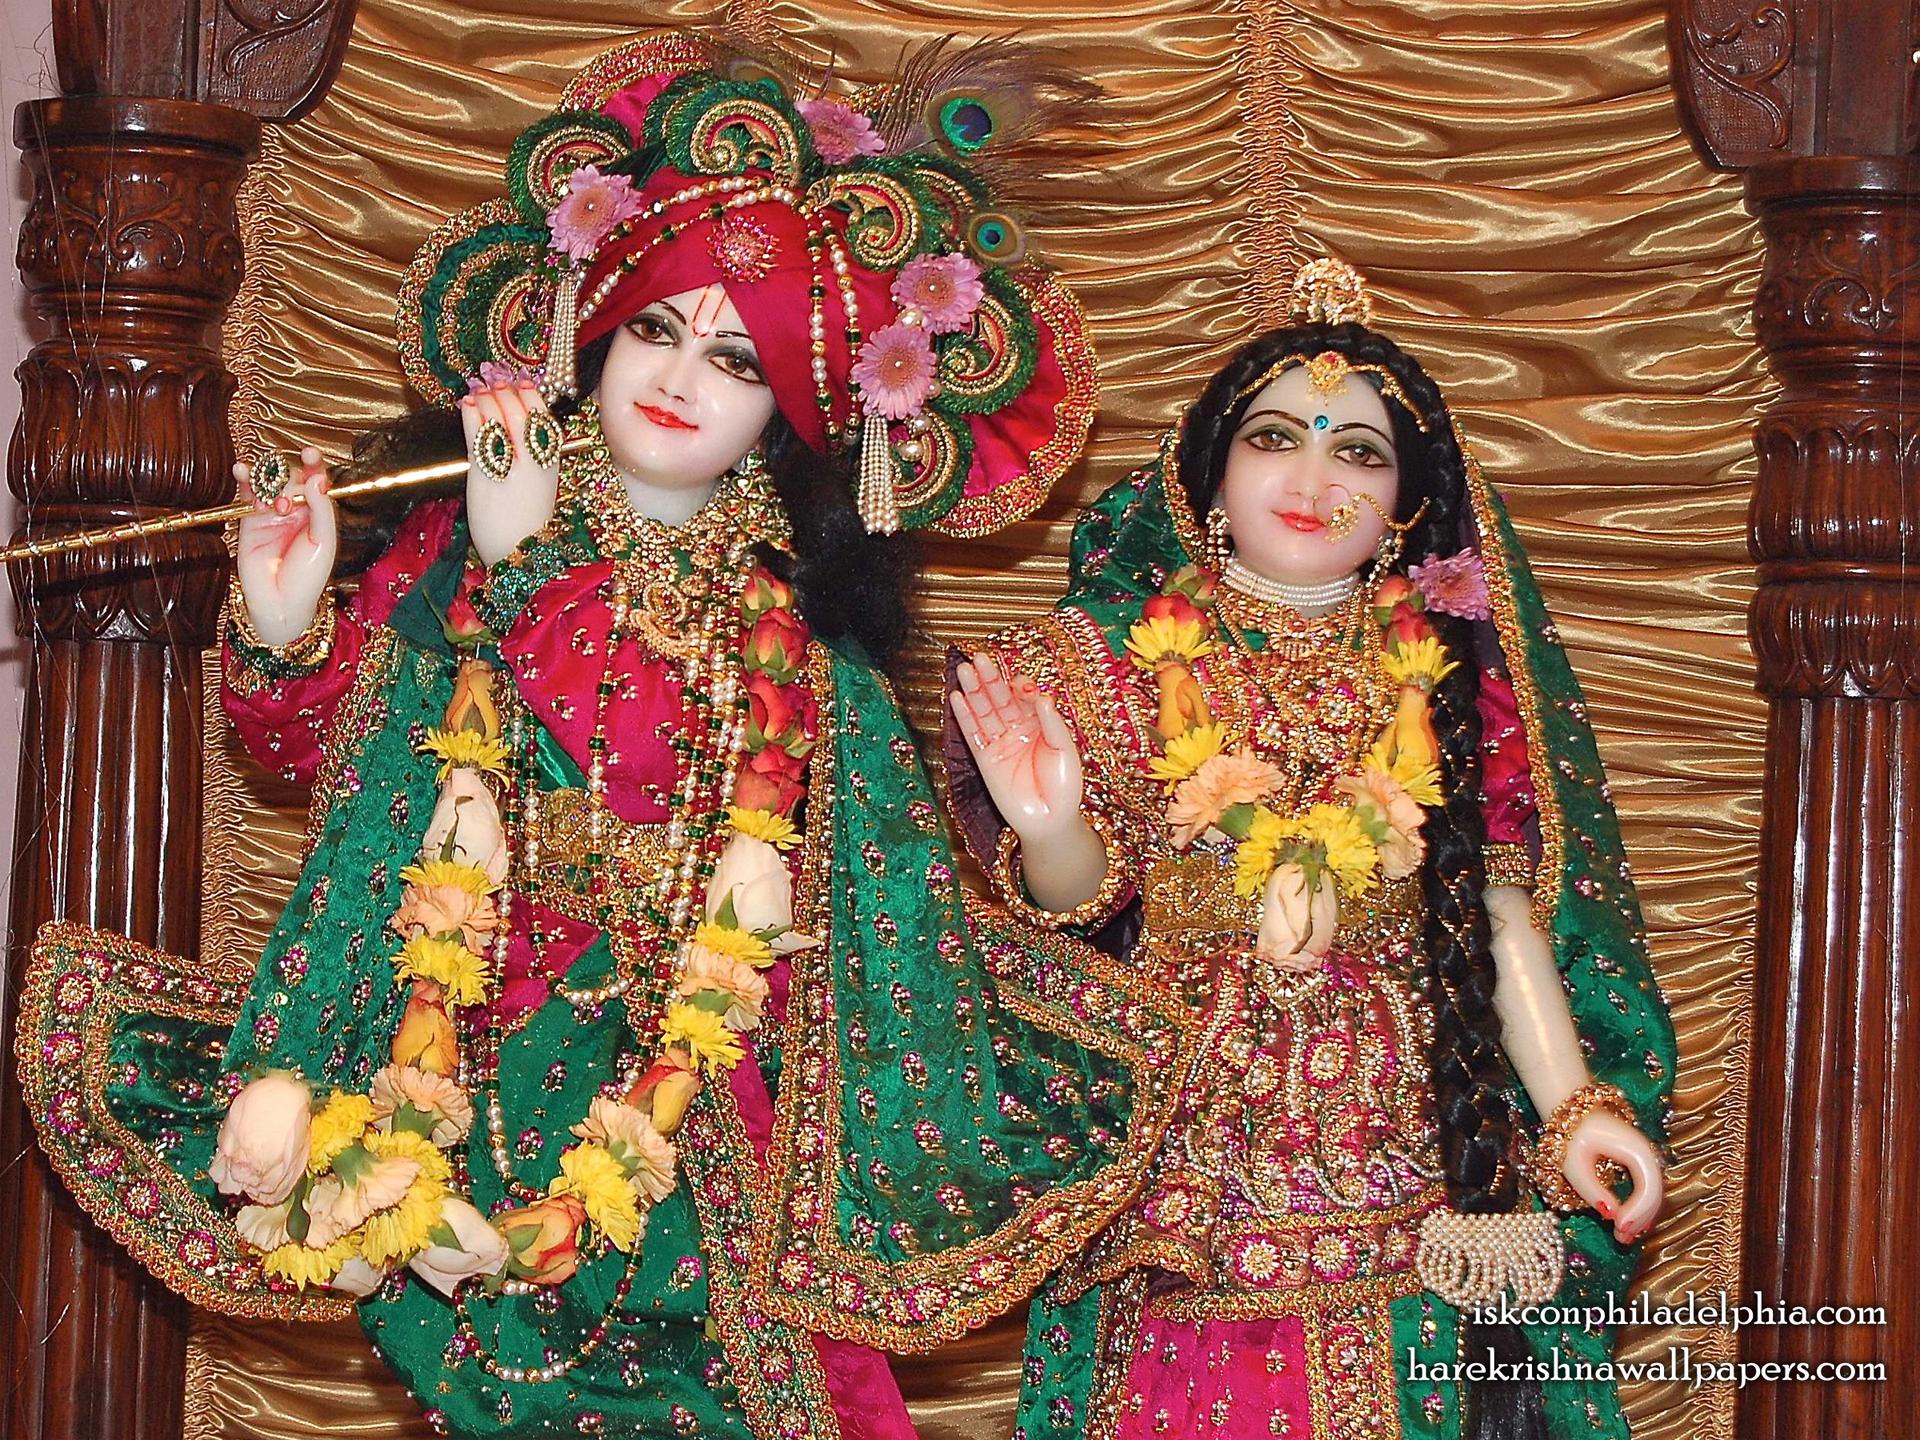 Sri Sri Radha Krishna Close up Wallpaper (003) Size 1920x1440 Download